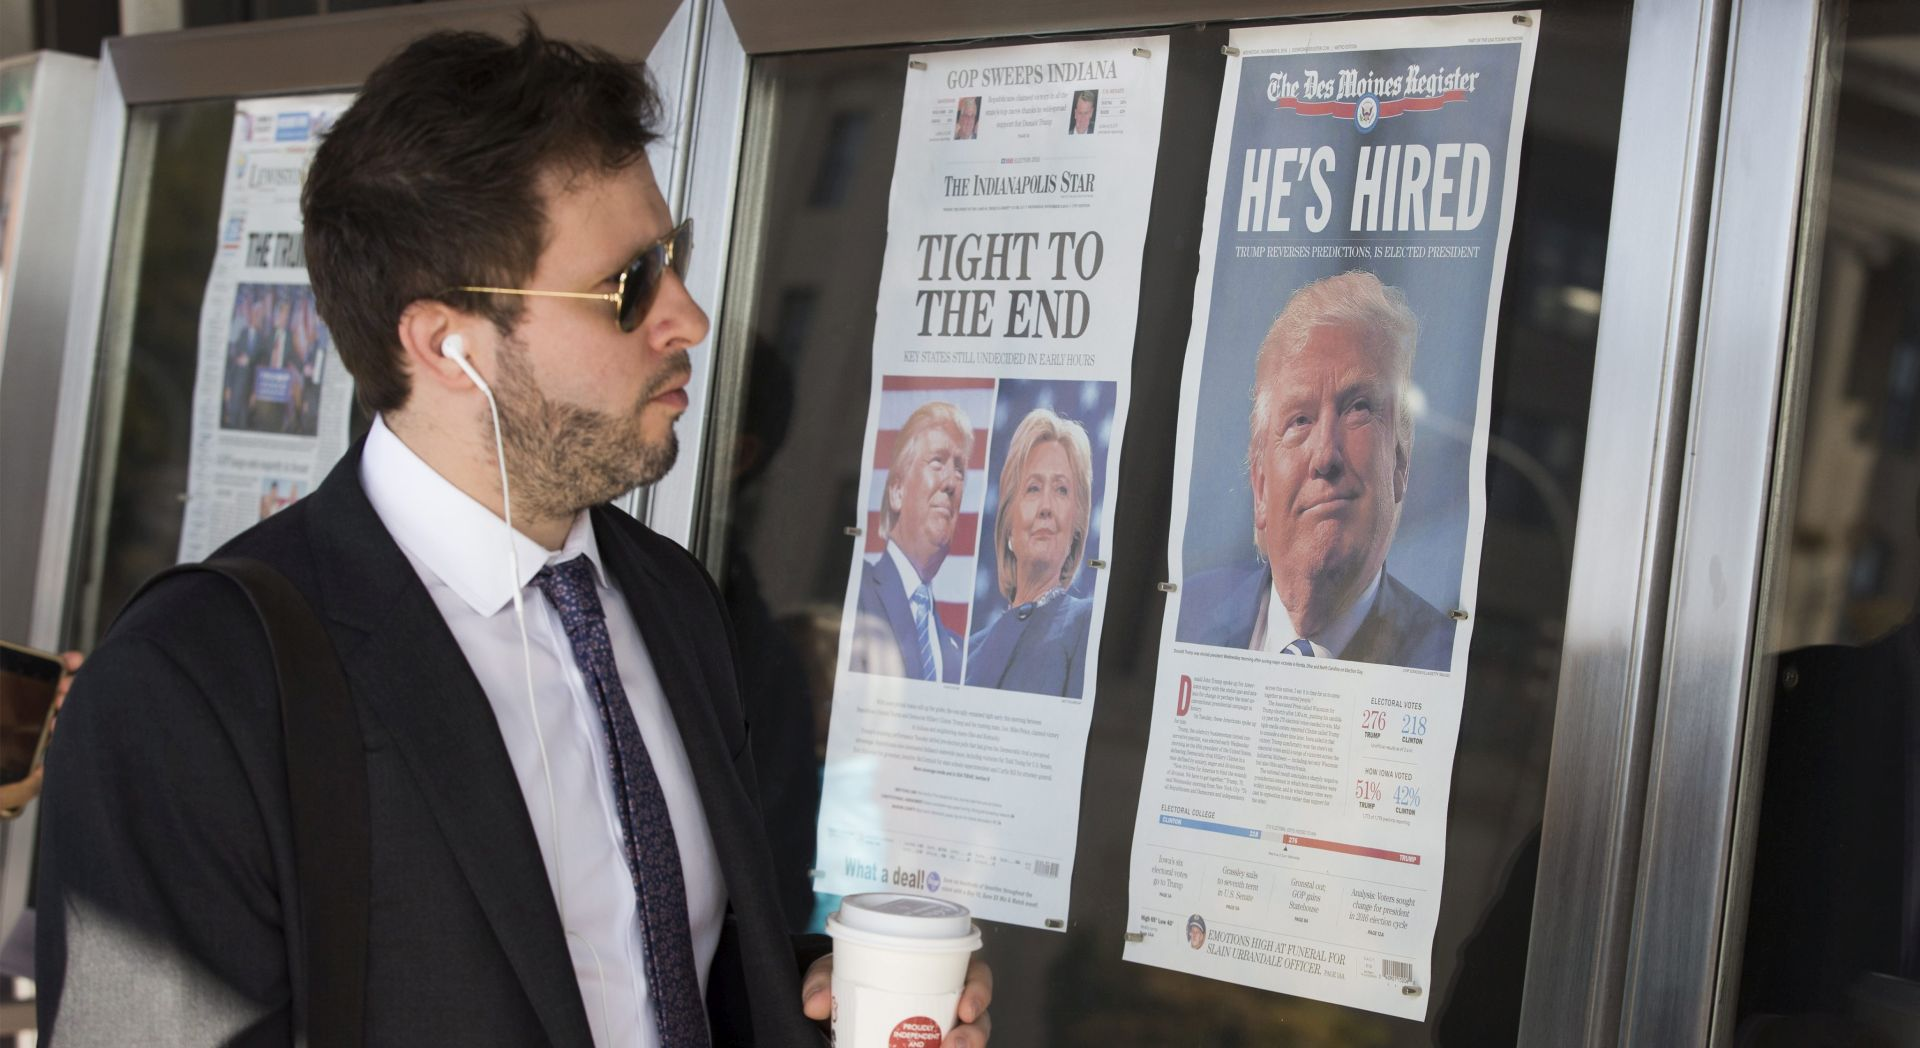 """Većina Amerikanaca od vijesti žele """"samo činjenice"""", bez interpretacije"""